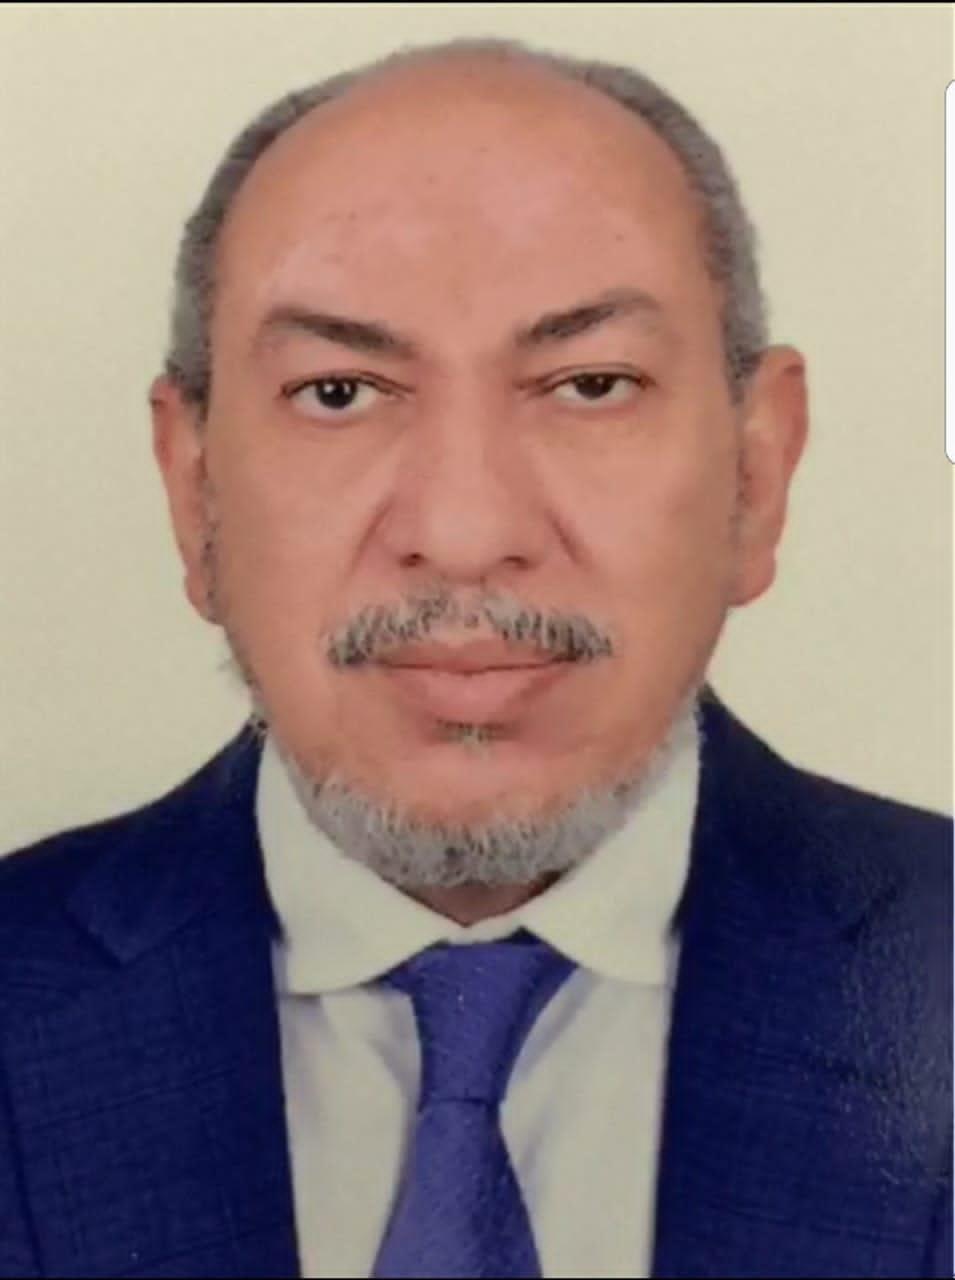 وزير العدل الدكتور محمد محمود الشيخ عبد الله بيه (وما)